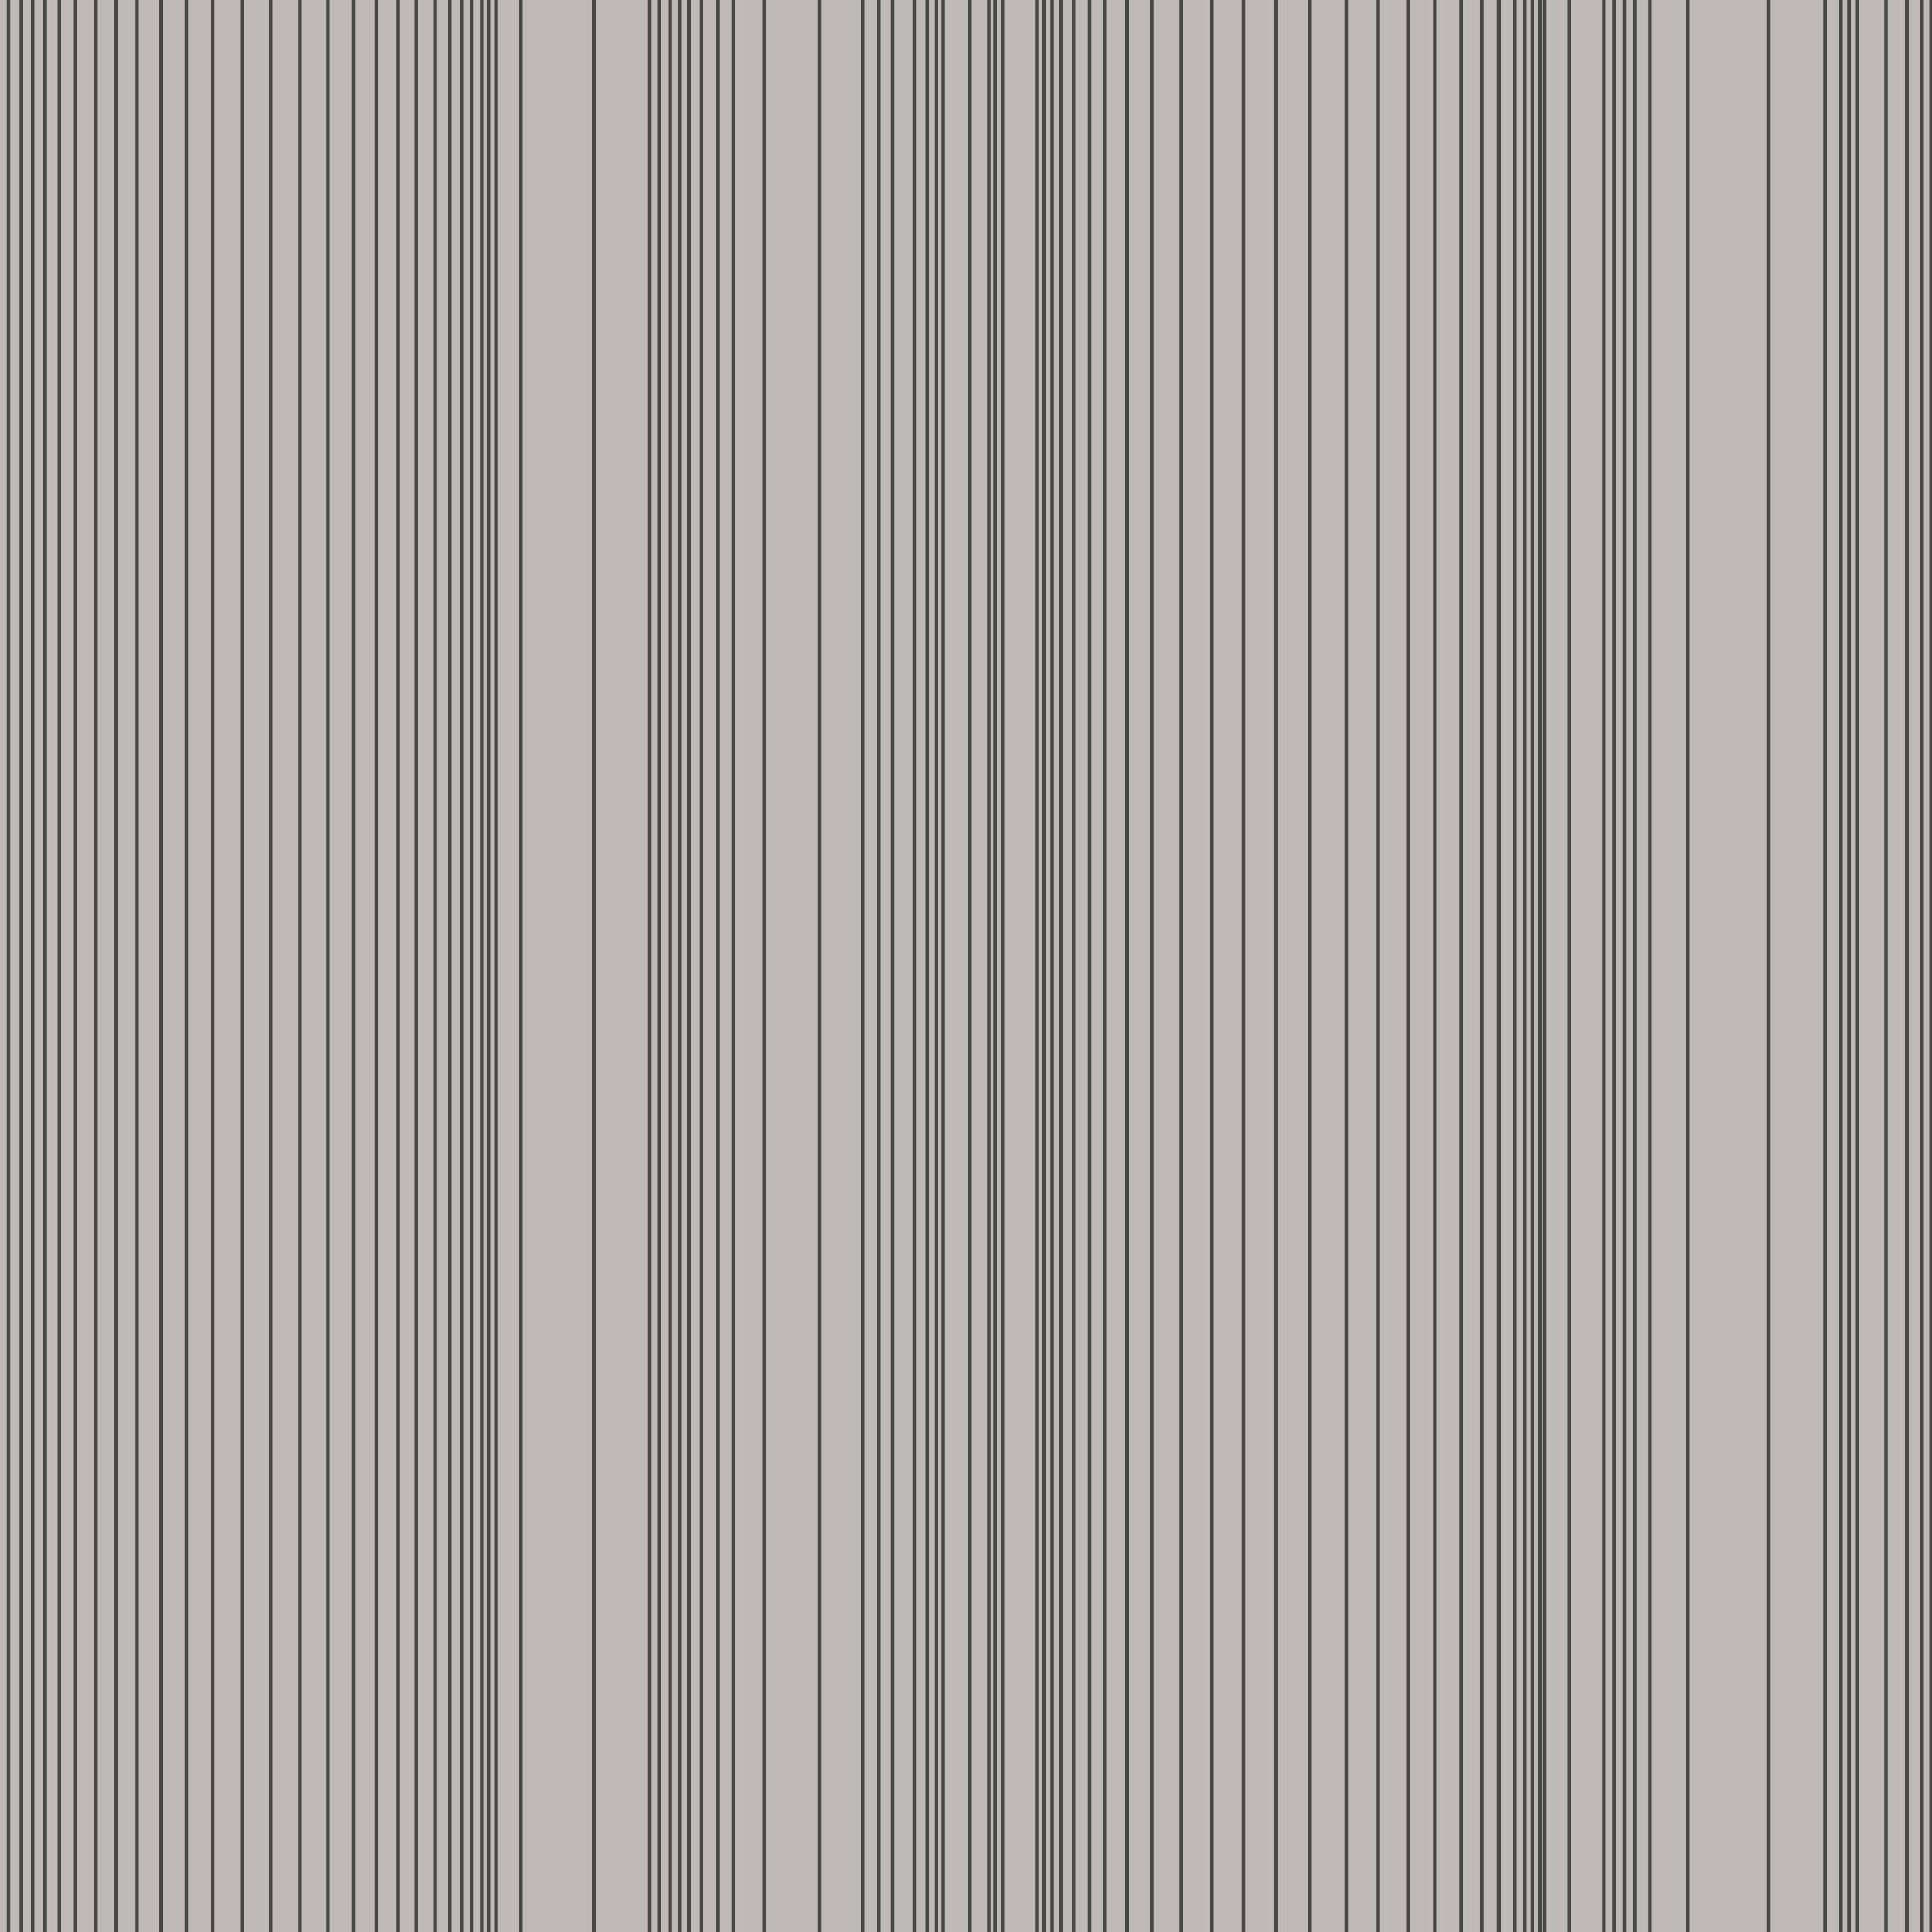 Encoded Stripe - Fog